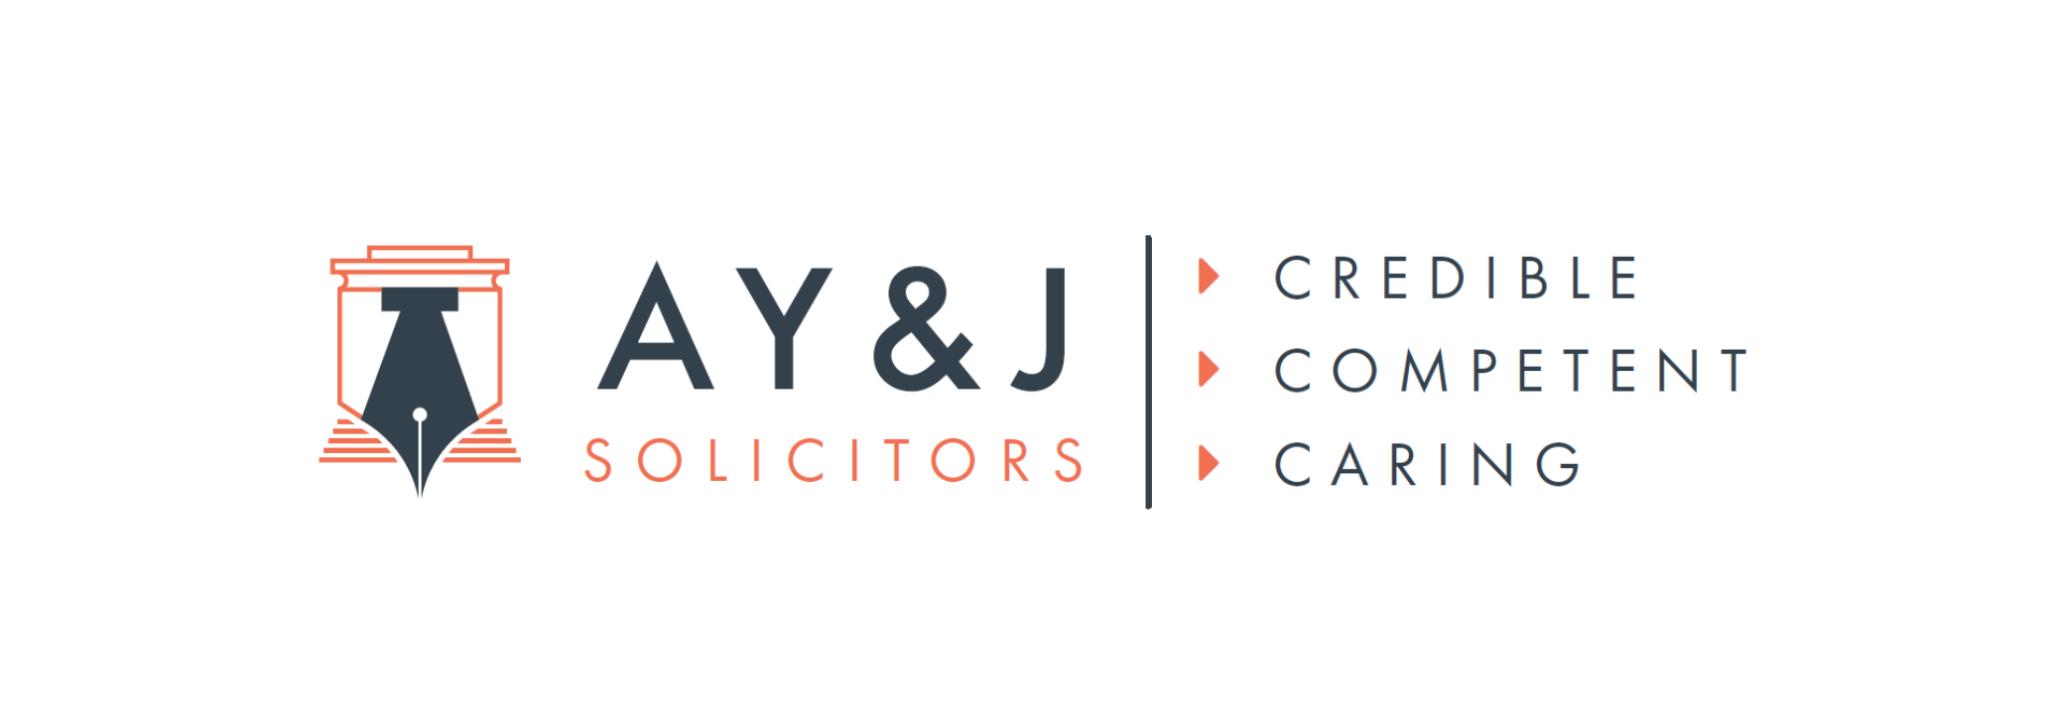 Job ad: A Y & J Solicitors